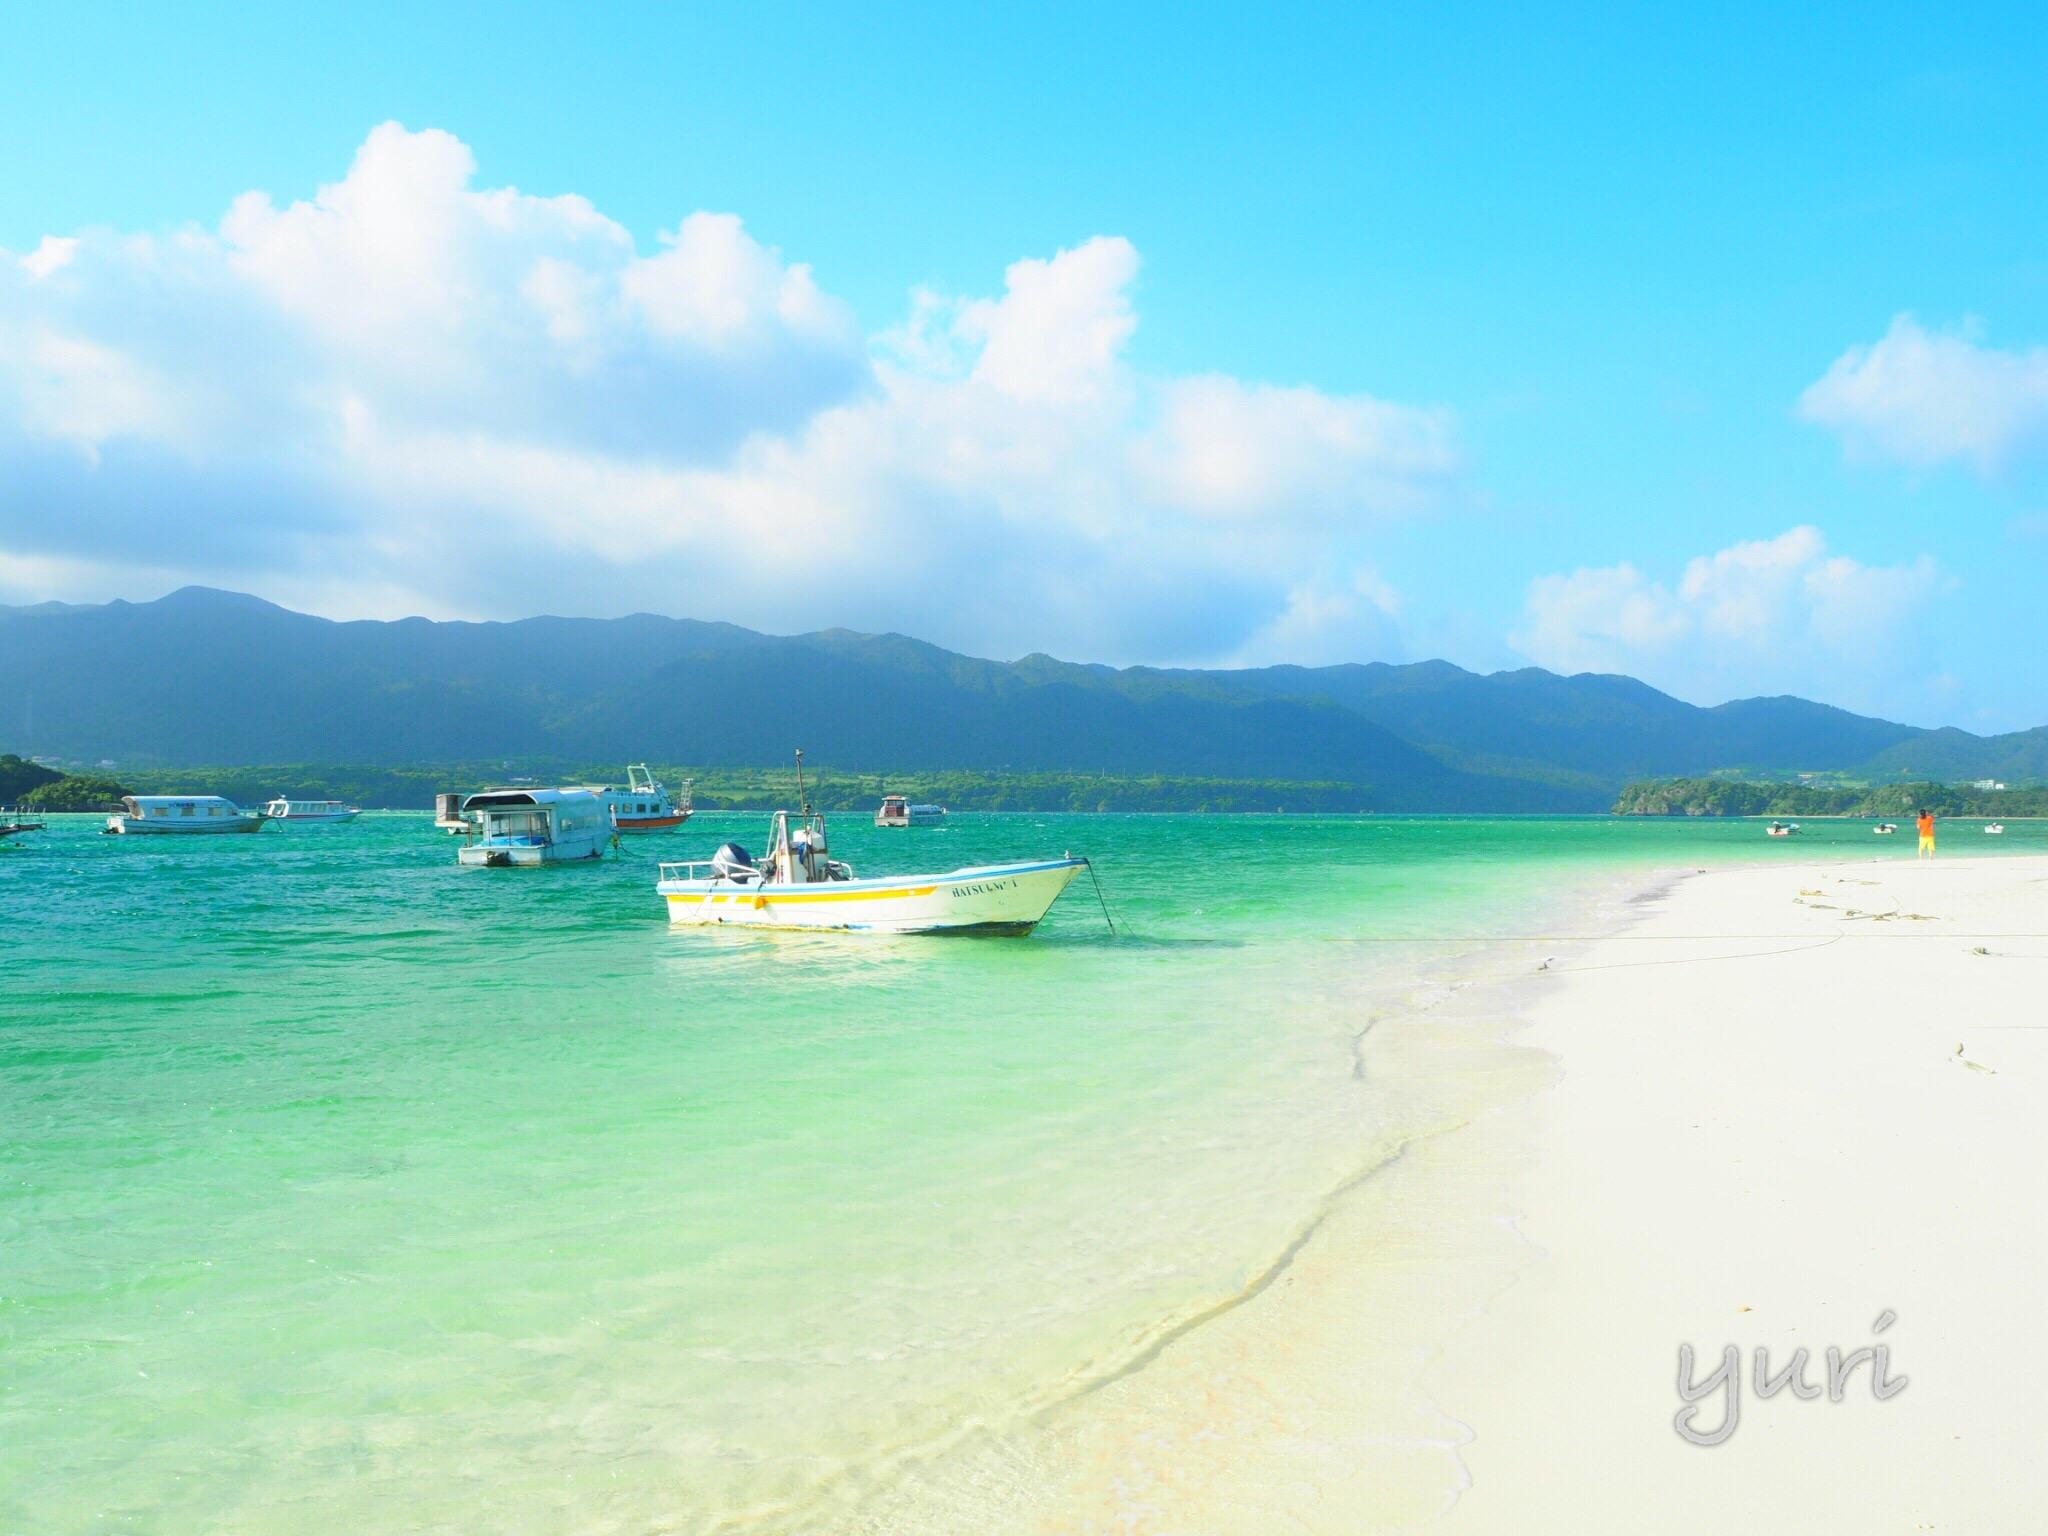 車なしでも沖縄旅行を楽しむための6つのヒント